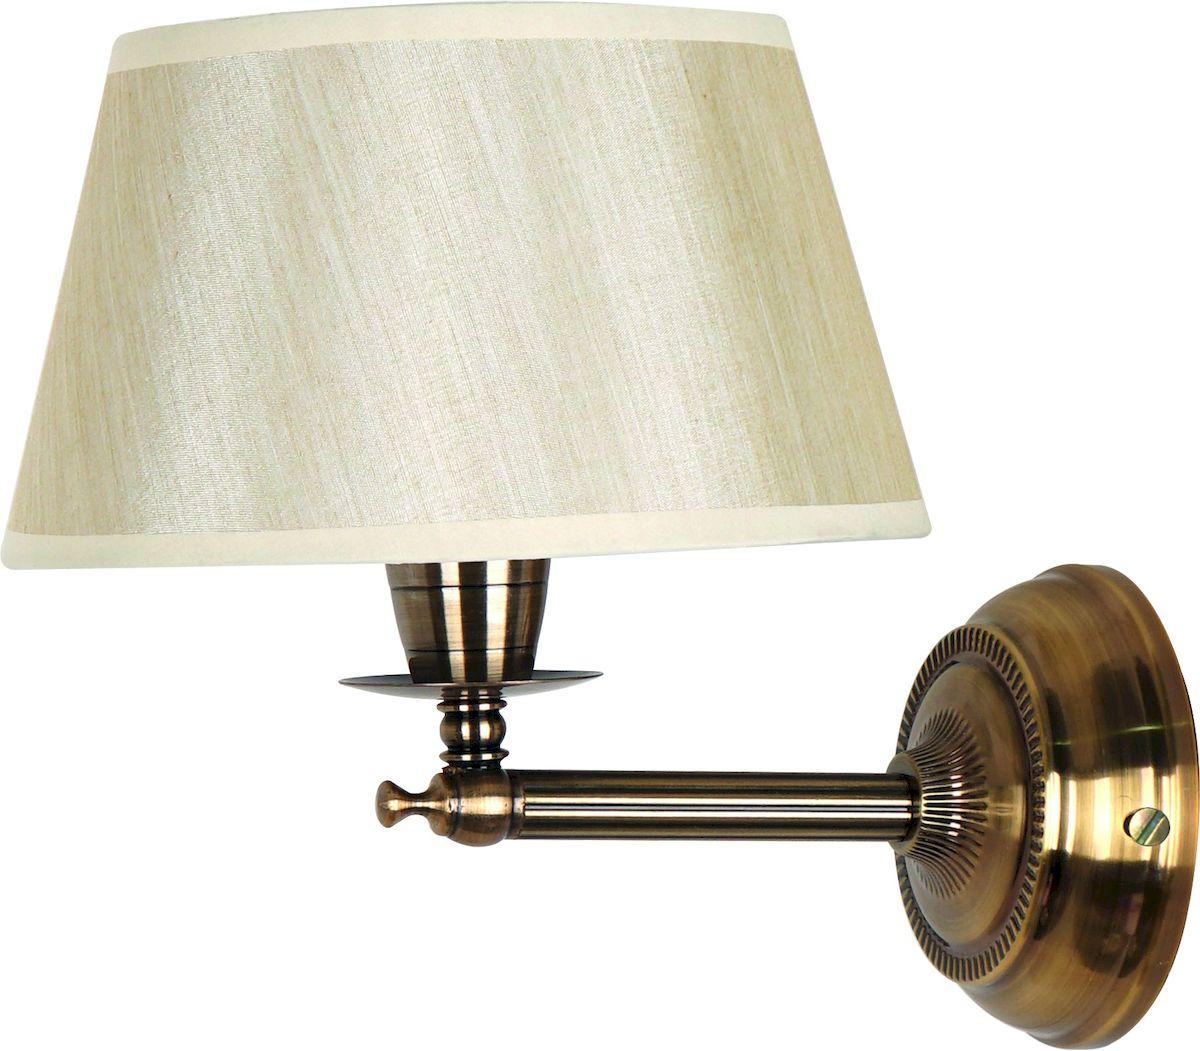 Светильник настенный Arte Lamp York. A2273AP-1RBA2273AP-1RBСветильник Arte Lamp York поможет создать в вашем доме атмосферу уюта и комфорта. Благодаря высококачественным материалам он практичен в использовании и отлично работает на протяжении долгого периода времени. Удаление от стены: 26 см. Цоколь: Е14, 1 шт, 60 Ватт. Крепление: монтажная планка, шурупами.